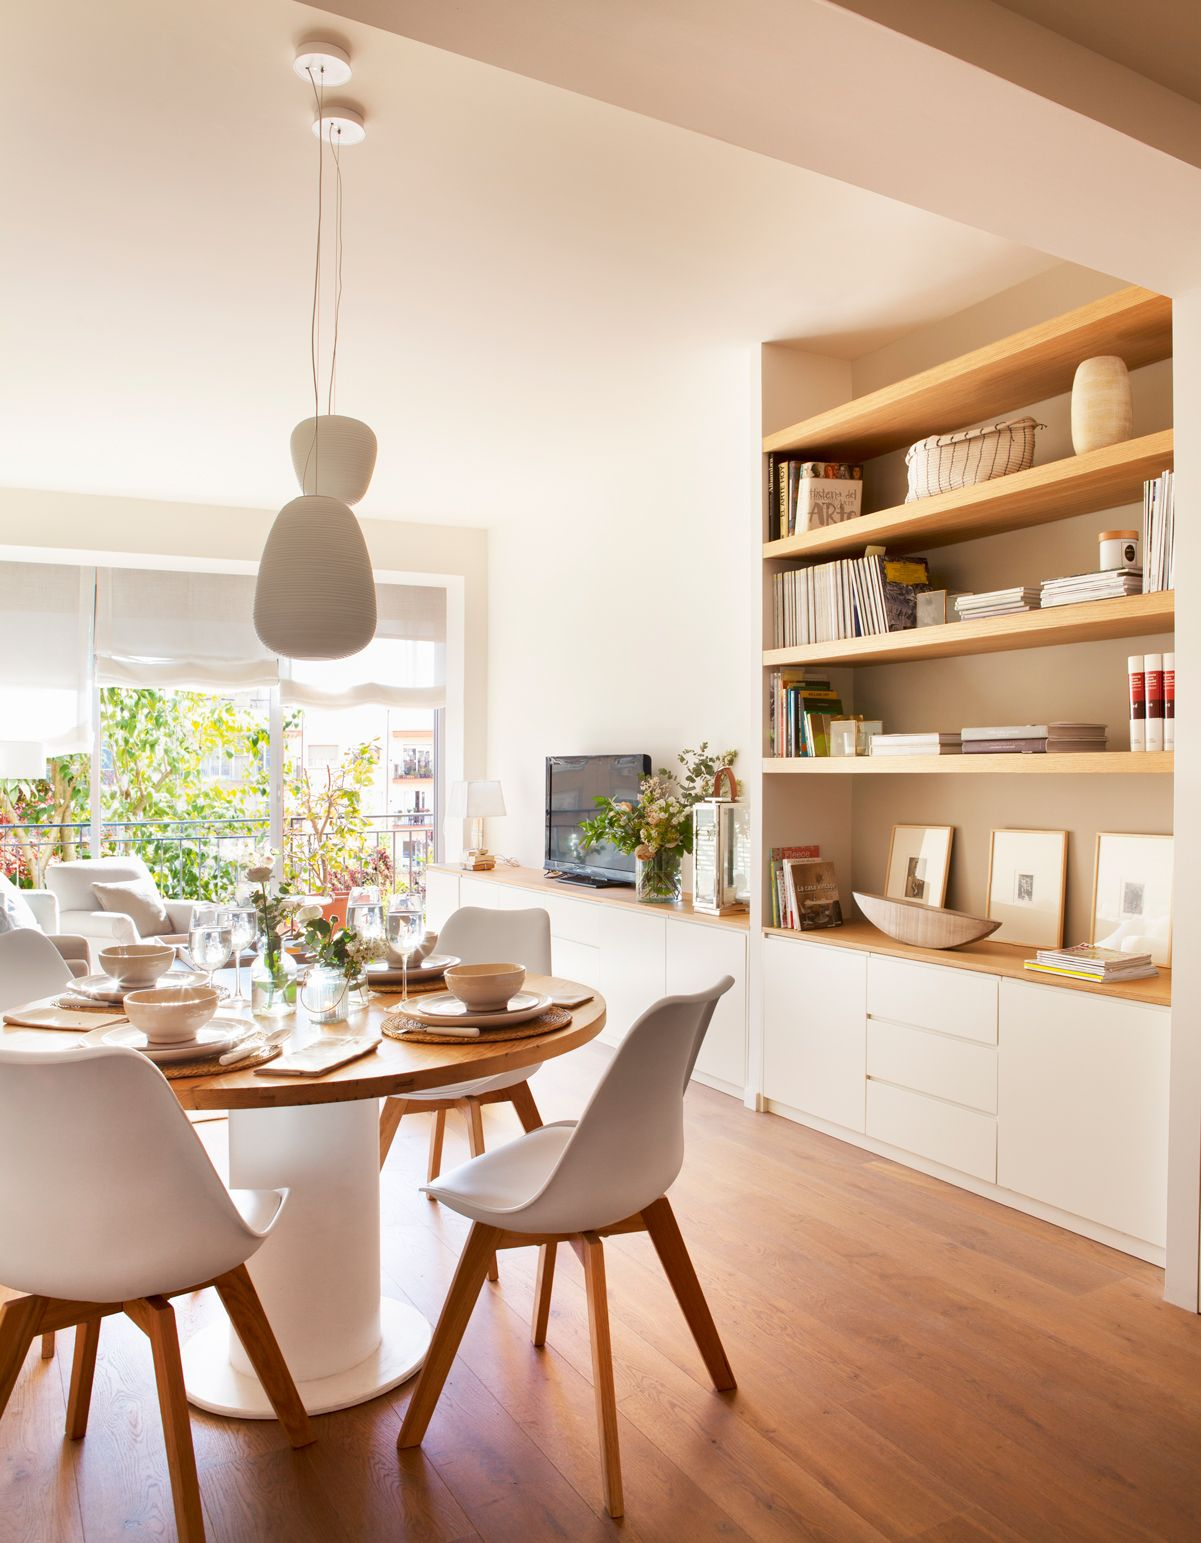 Comedor con mesa redonda y librer a con baldas de madera for Muebles modernos para cocina comedor